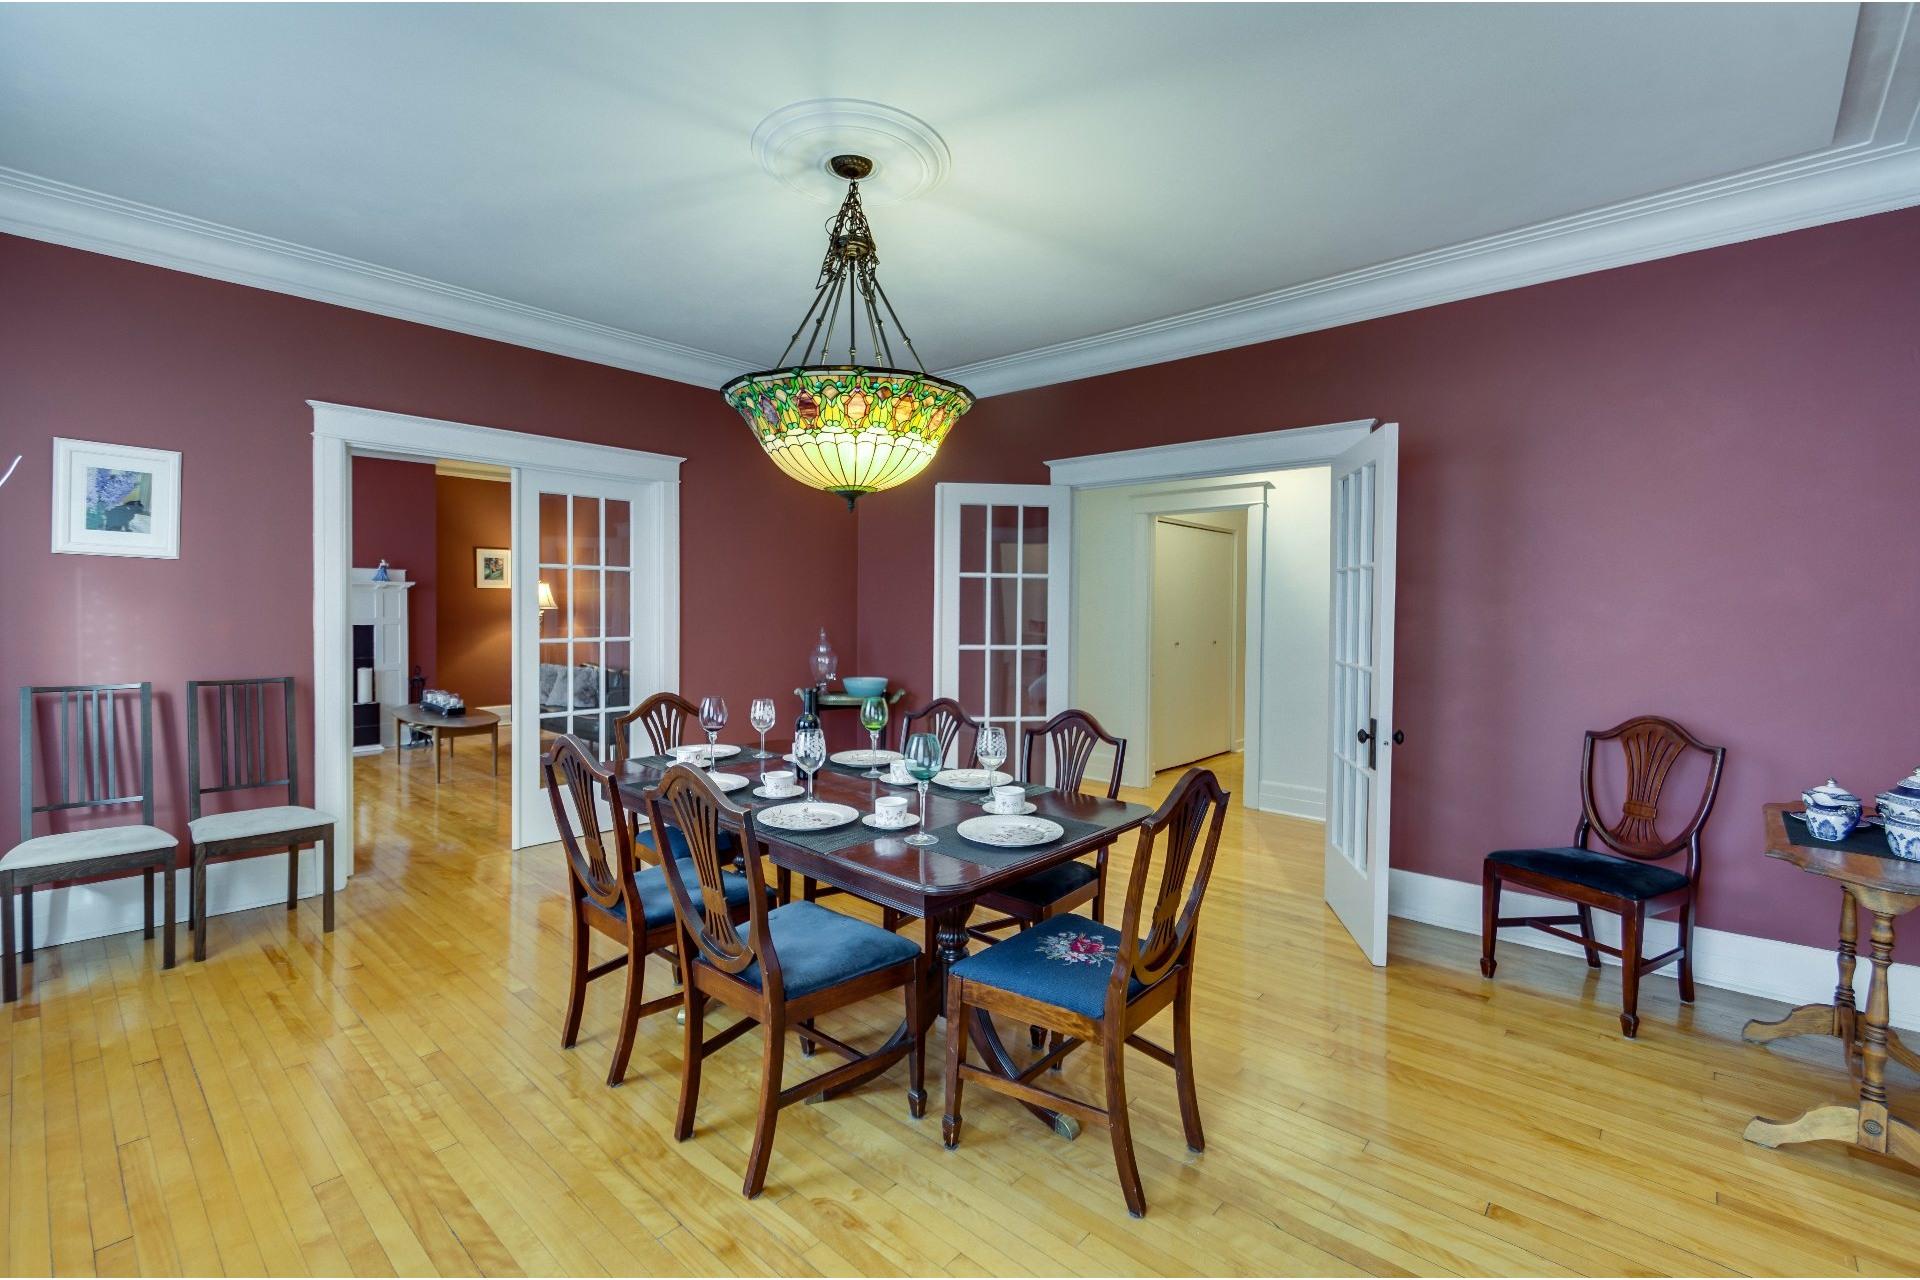 image 12 - Apartment For sale Côte-des-Neiges/Notre-Dame-de-Grâce Montréal  - 7 rooms